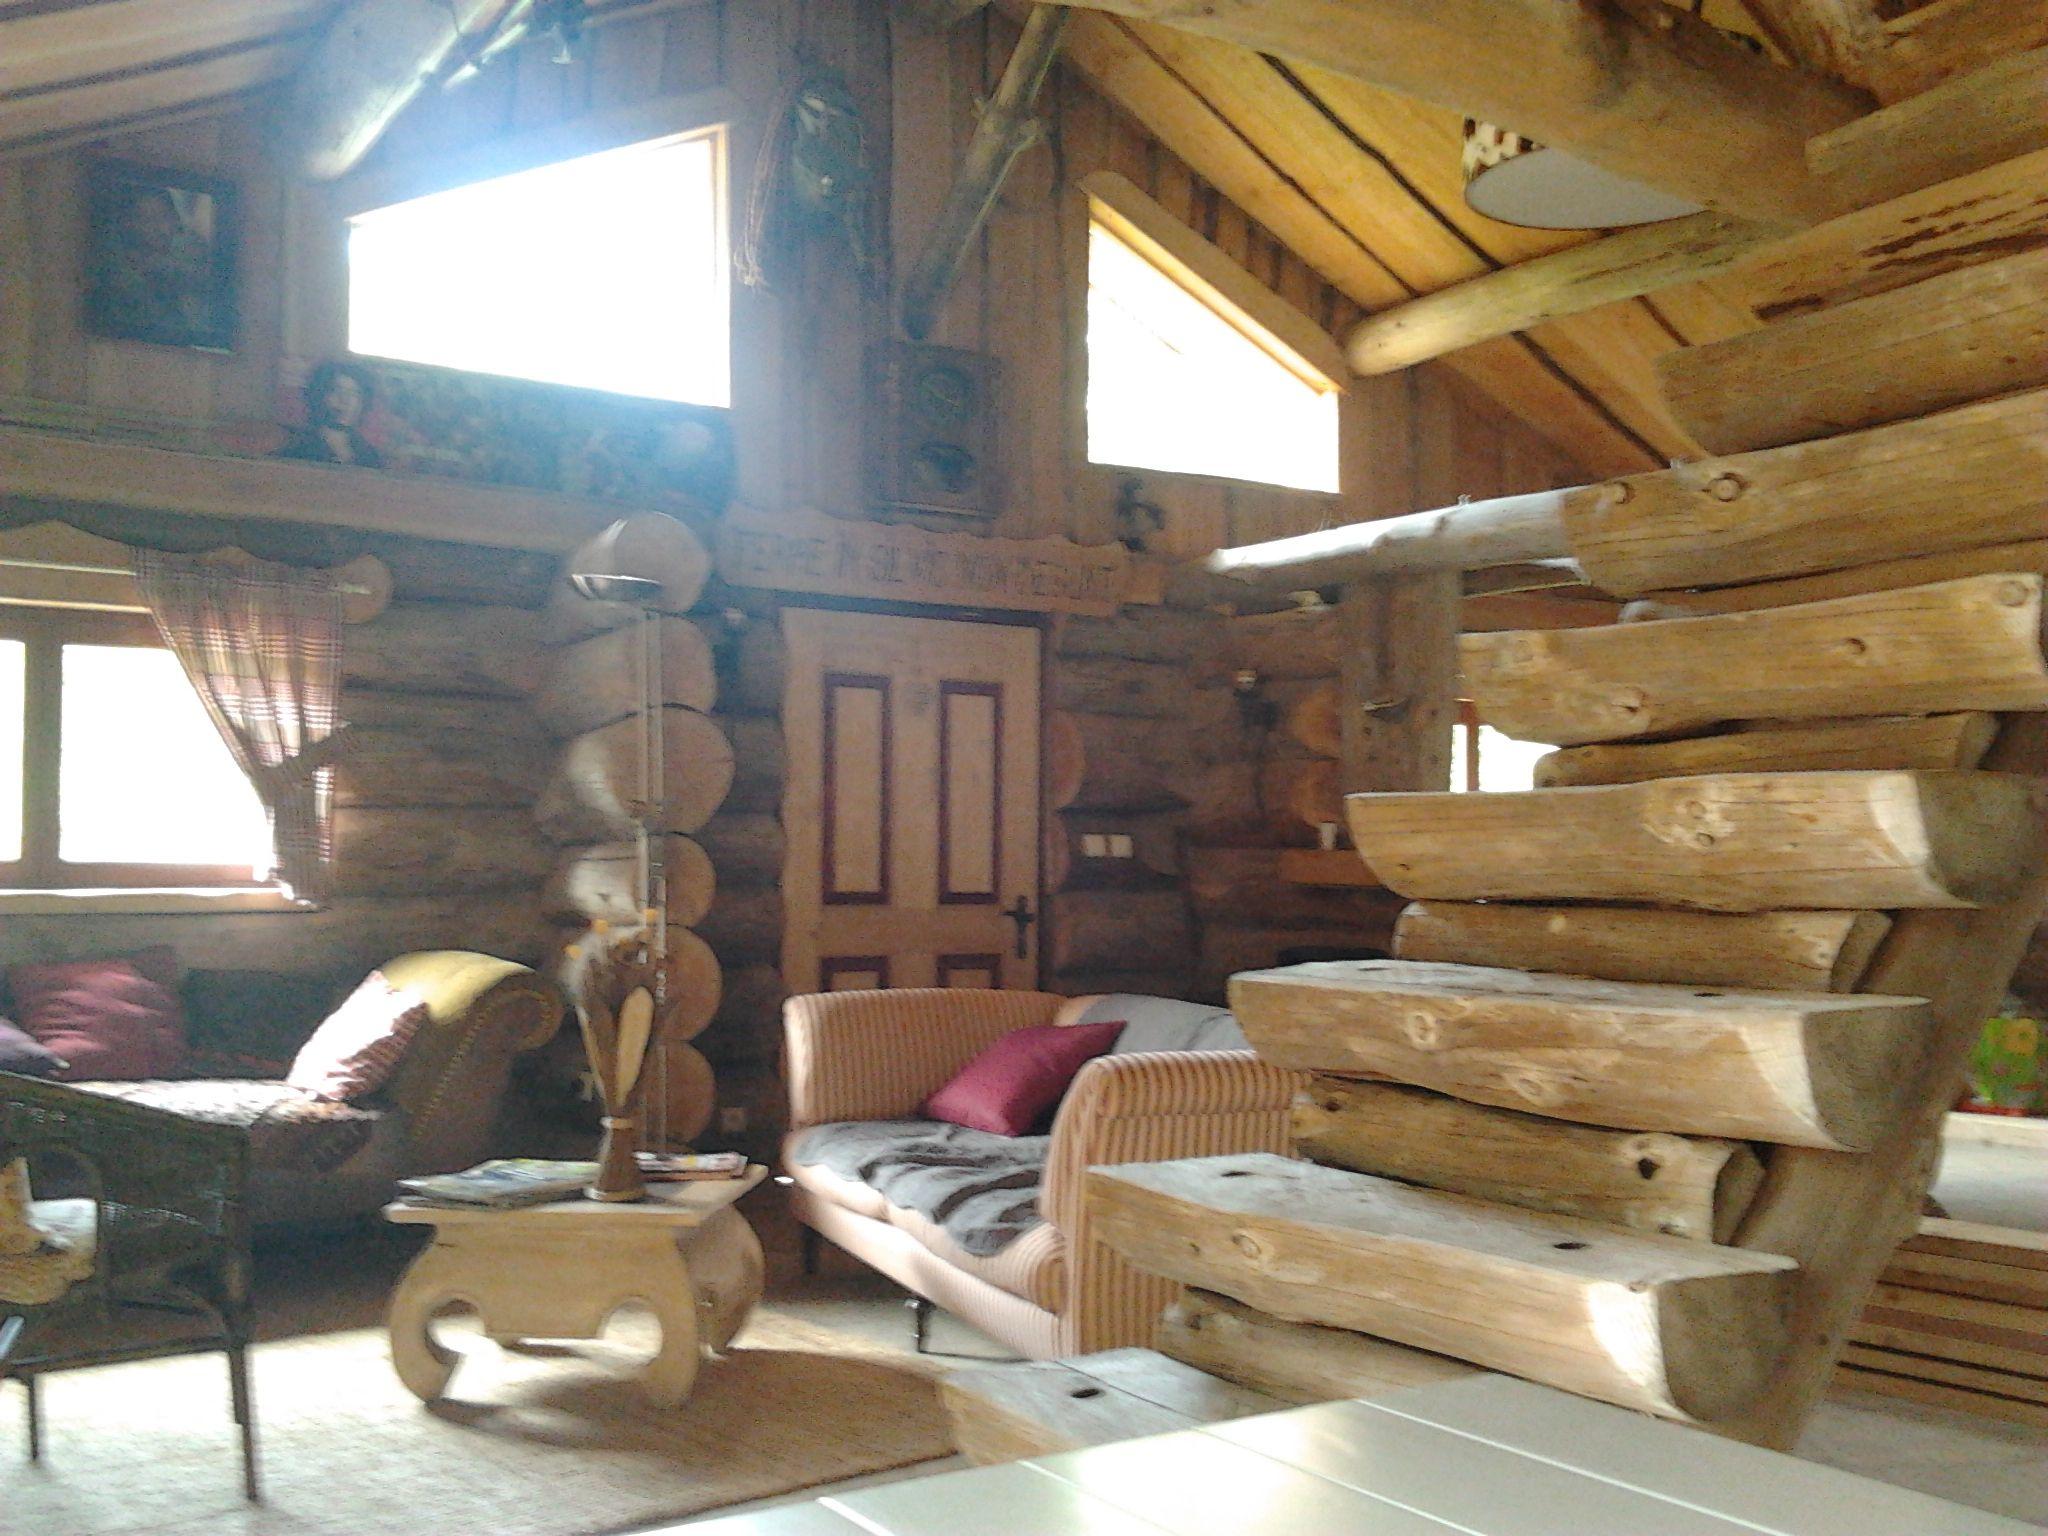 Office de tourisme du pays de bitche meuble la cabane de for Industrie du meuble en france